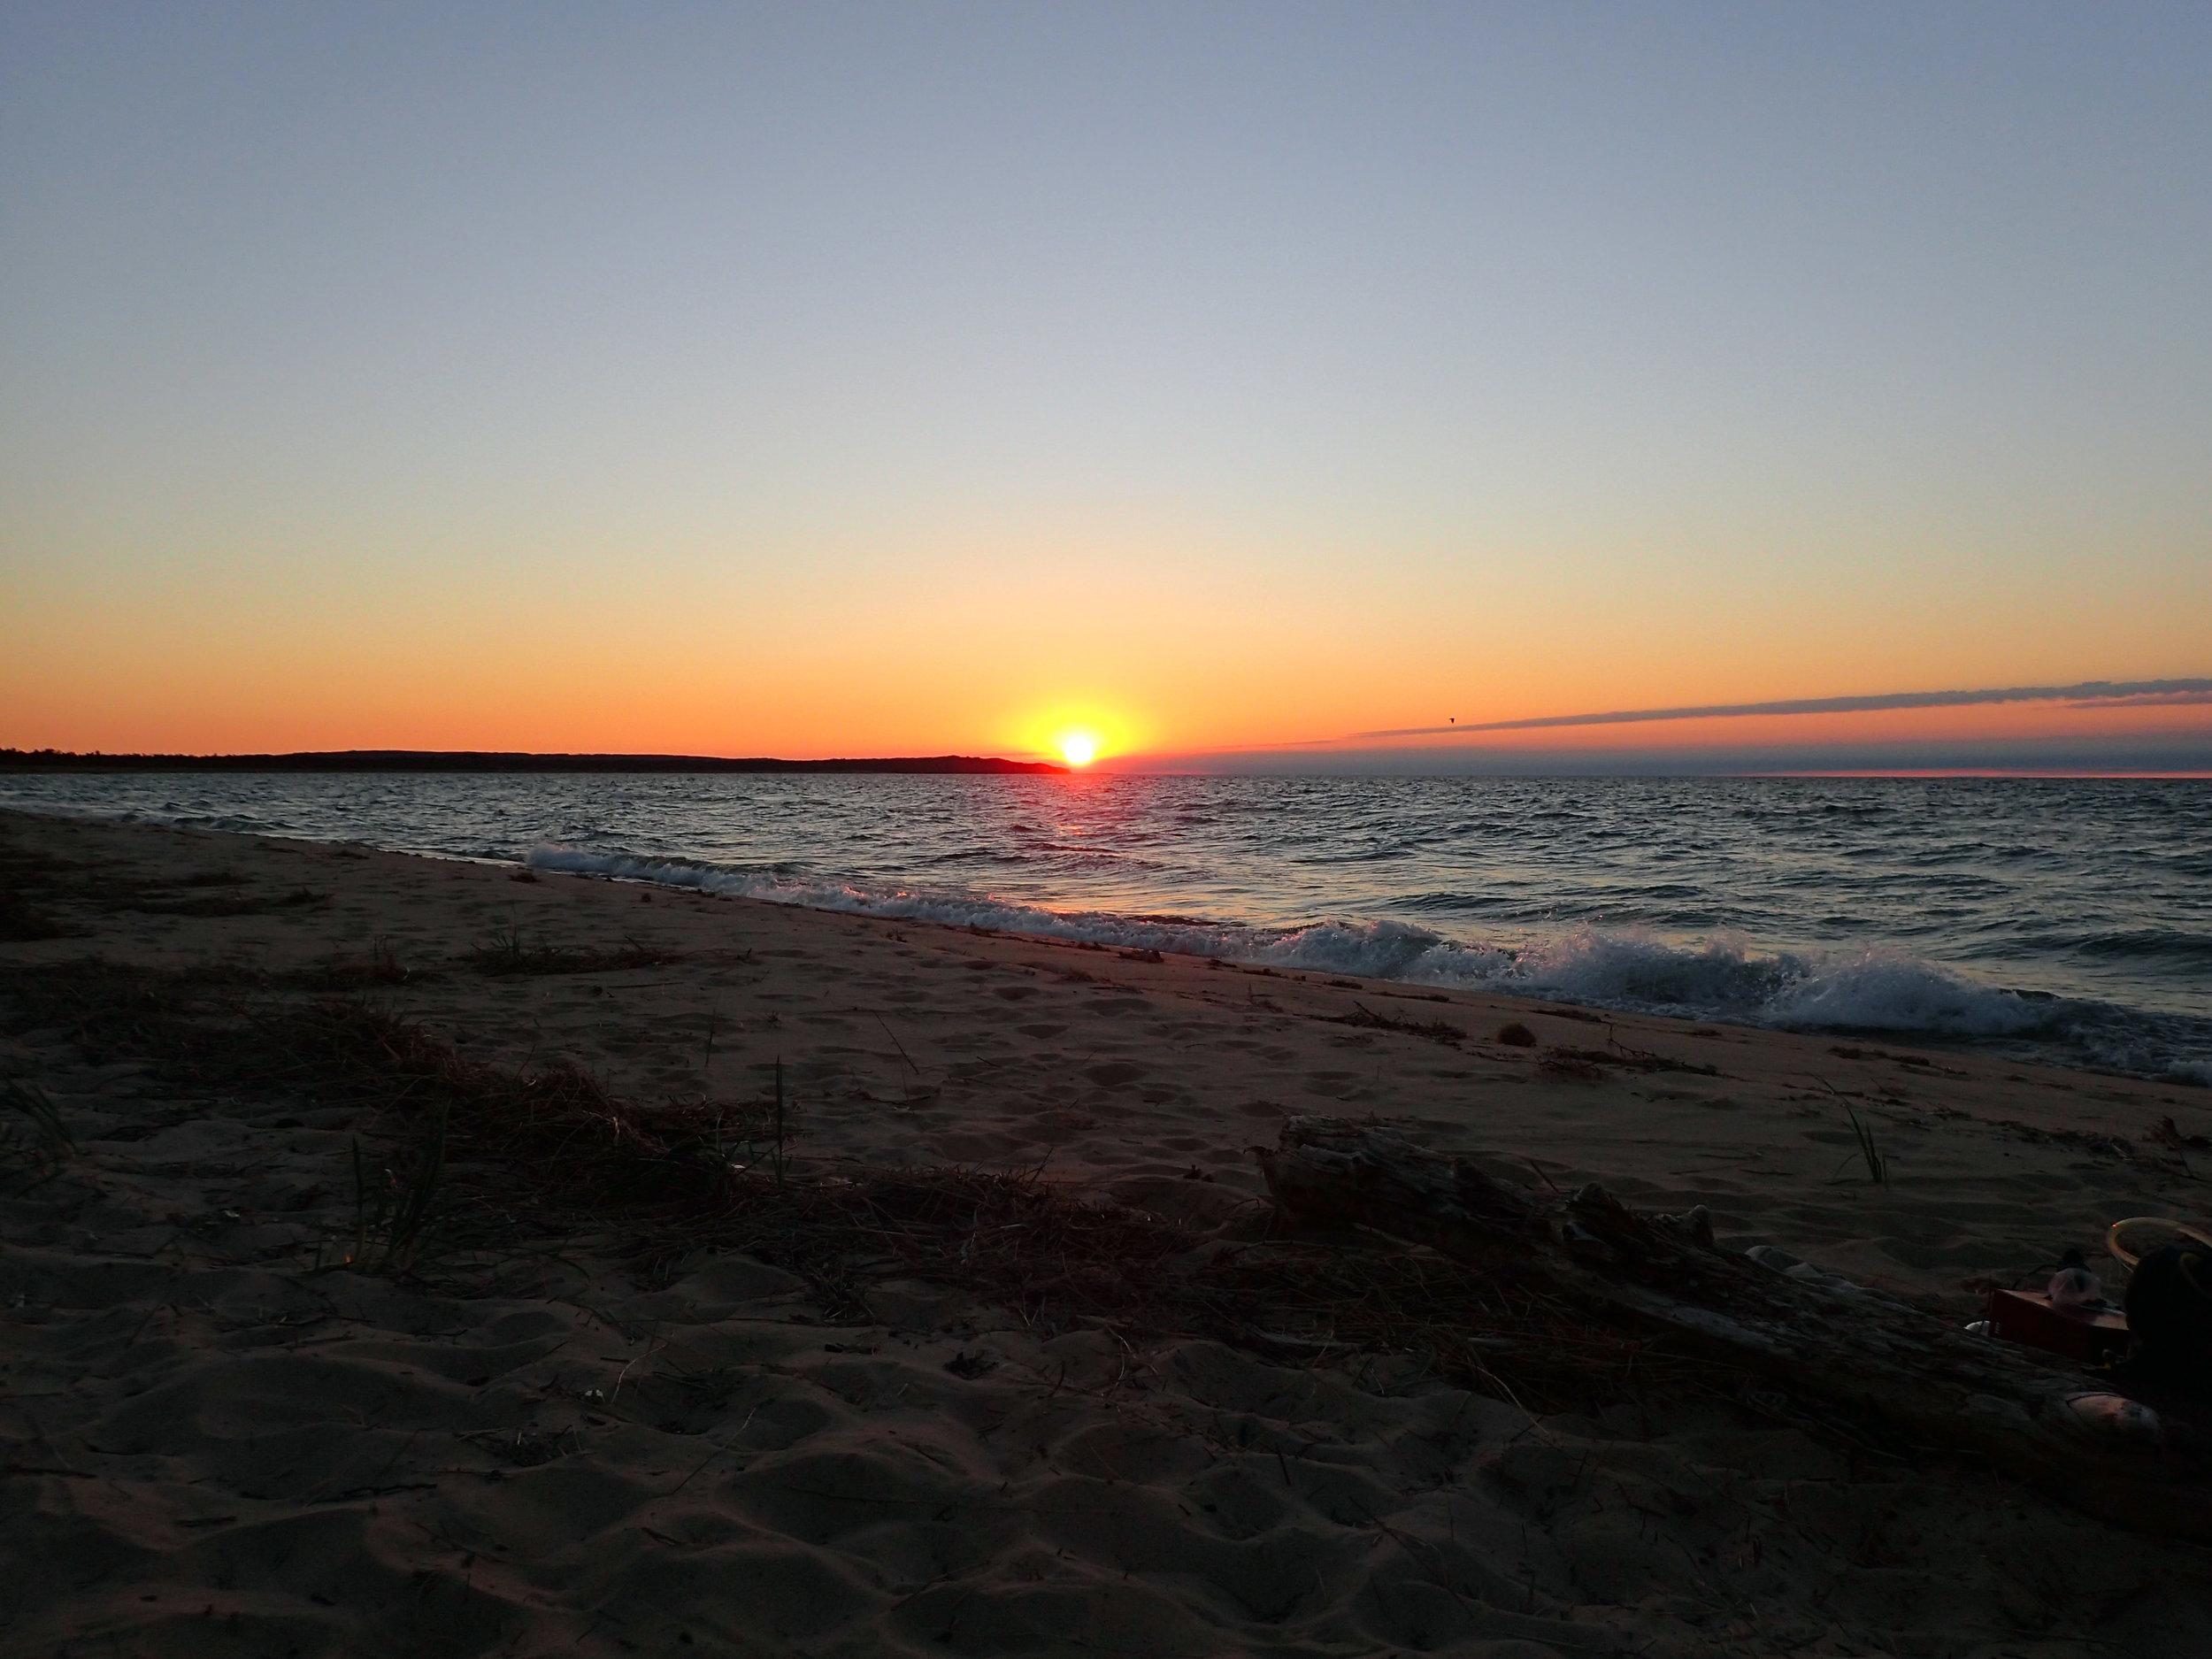 sunset at White Pine beach.jpg